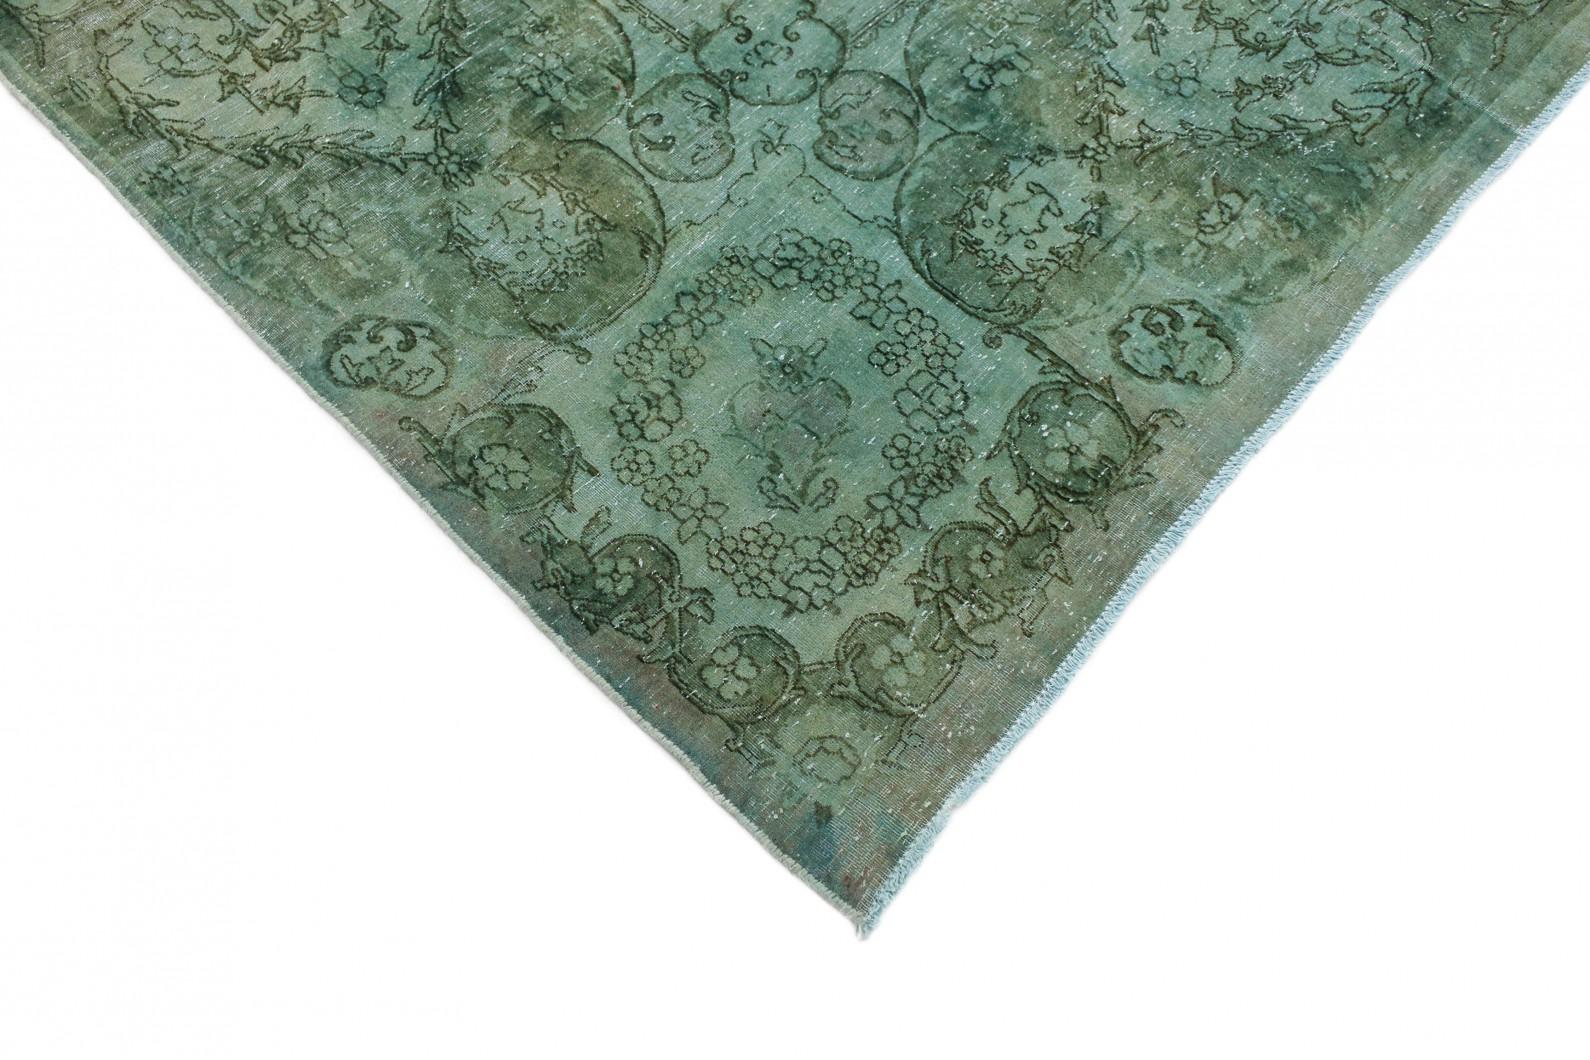 vintage teppich gr n t rkis in 420x310 1001 3678 bei. Black Bedroom Furniture Sets. Home Design Ideas